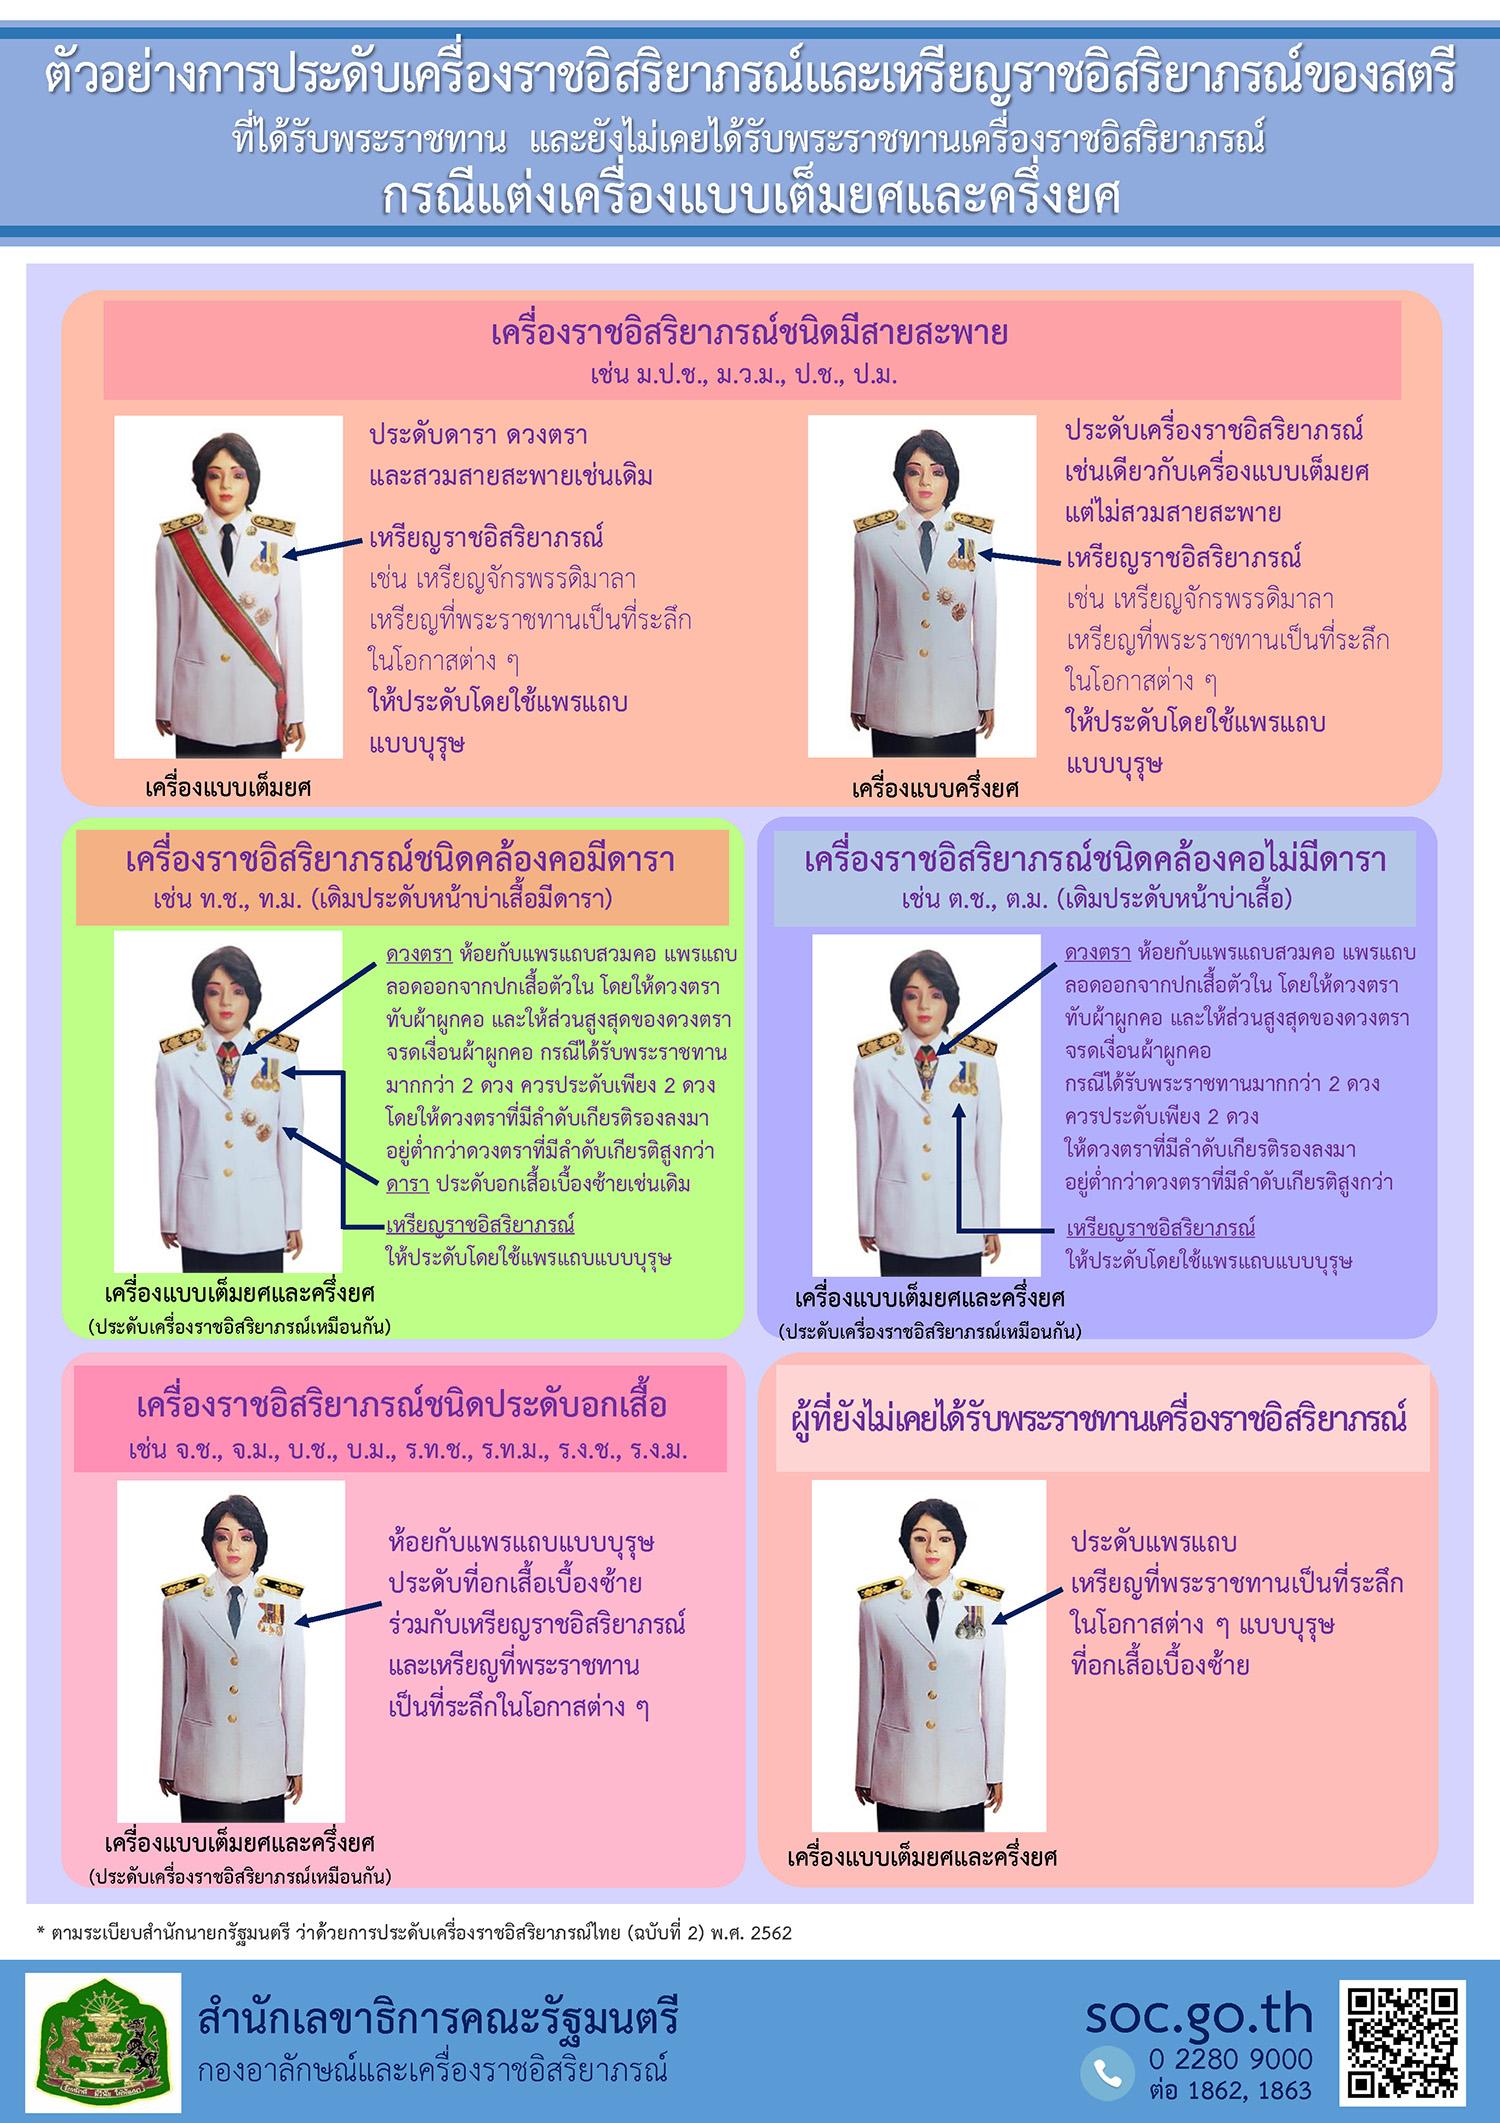 ตัวอย่างการประดับเครื่องราชอิสริยาภรณ์ไทย